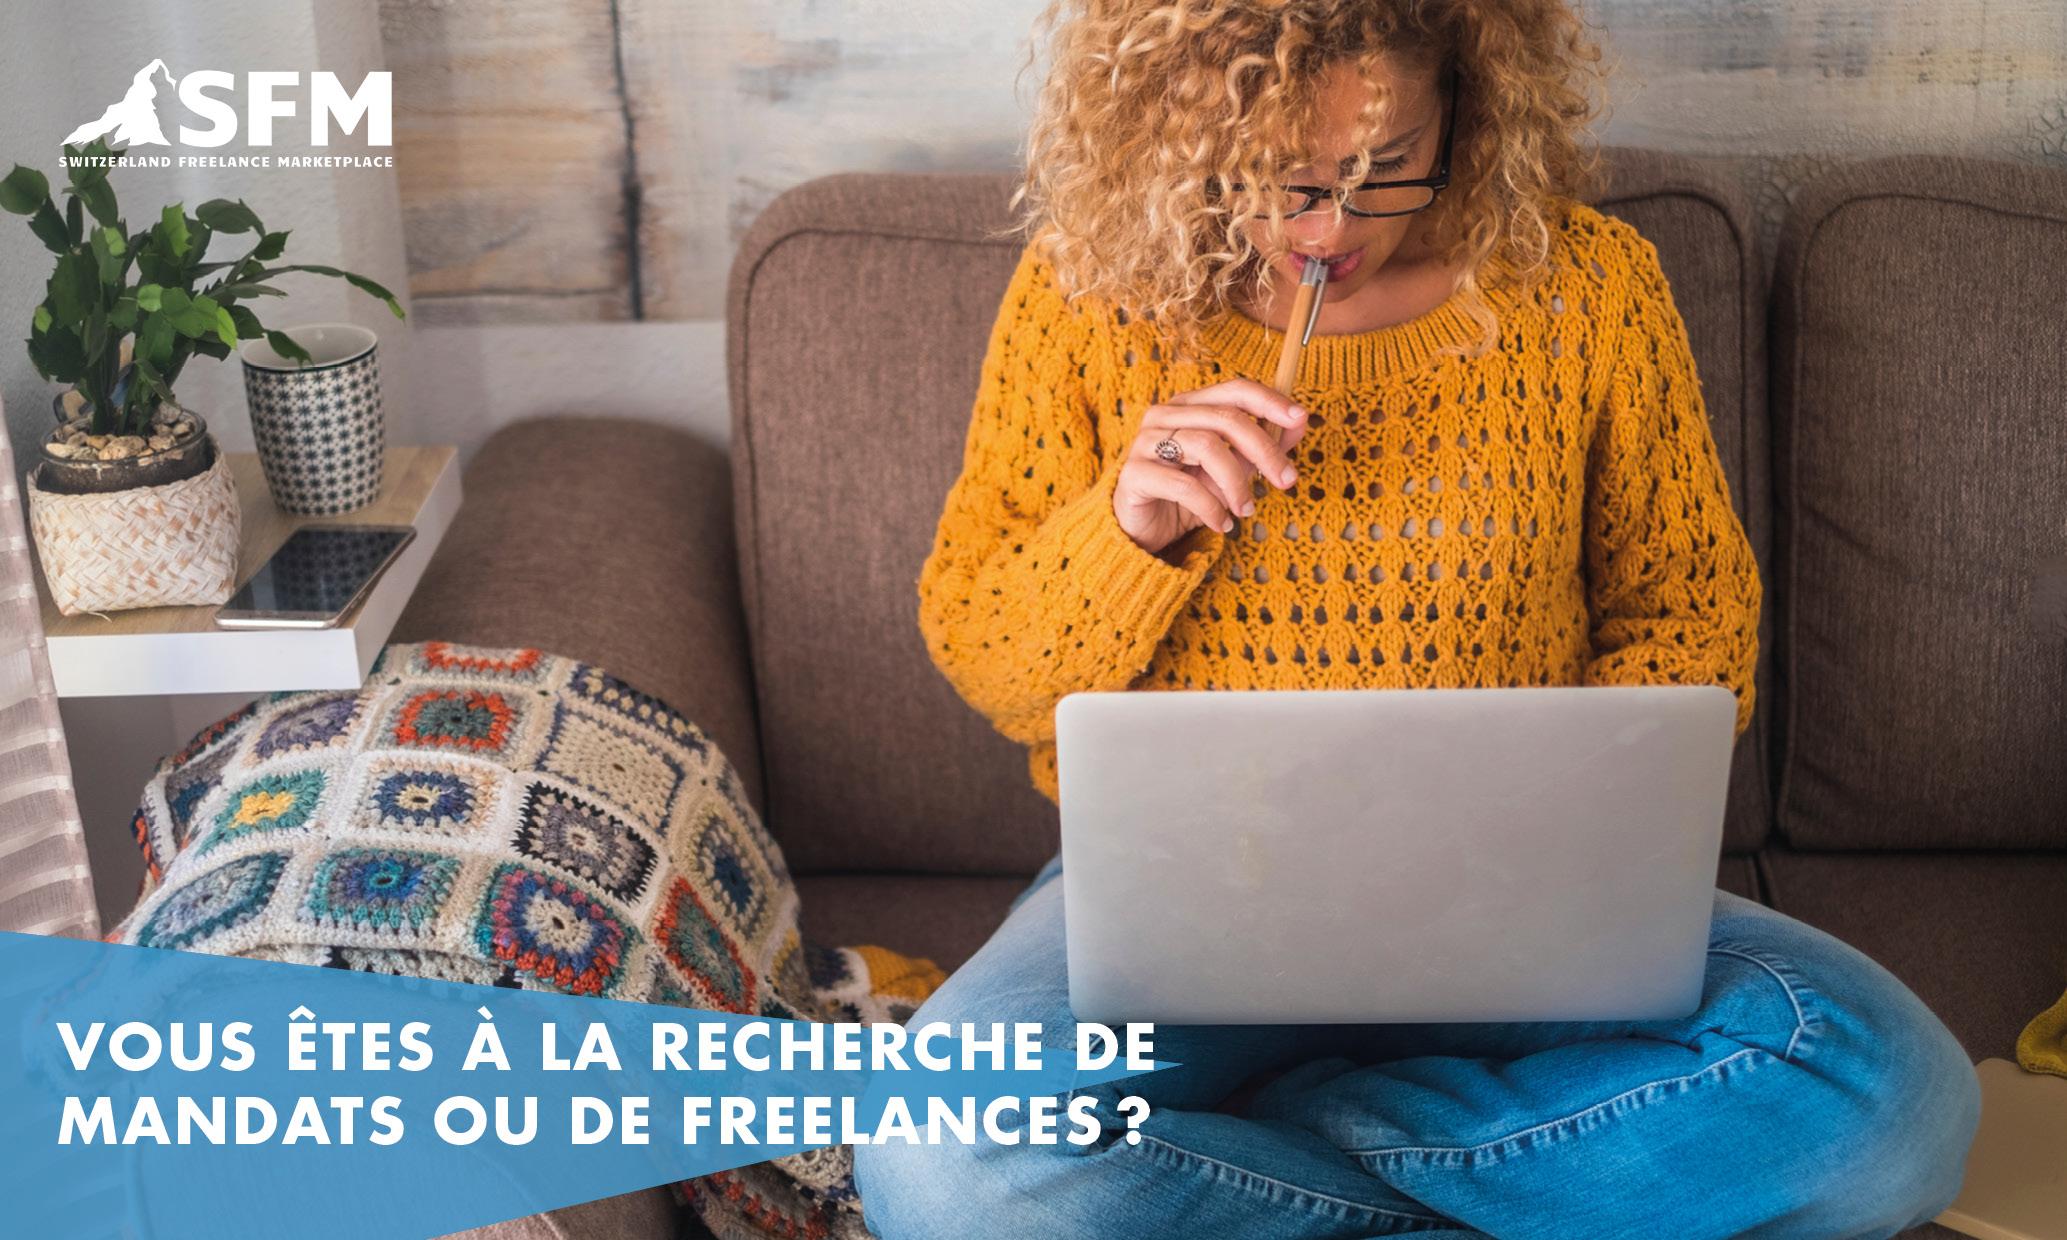 Vous êtes à la recherche de mandats ou de freelances?